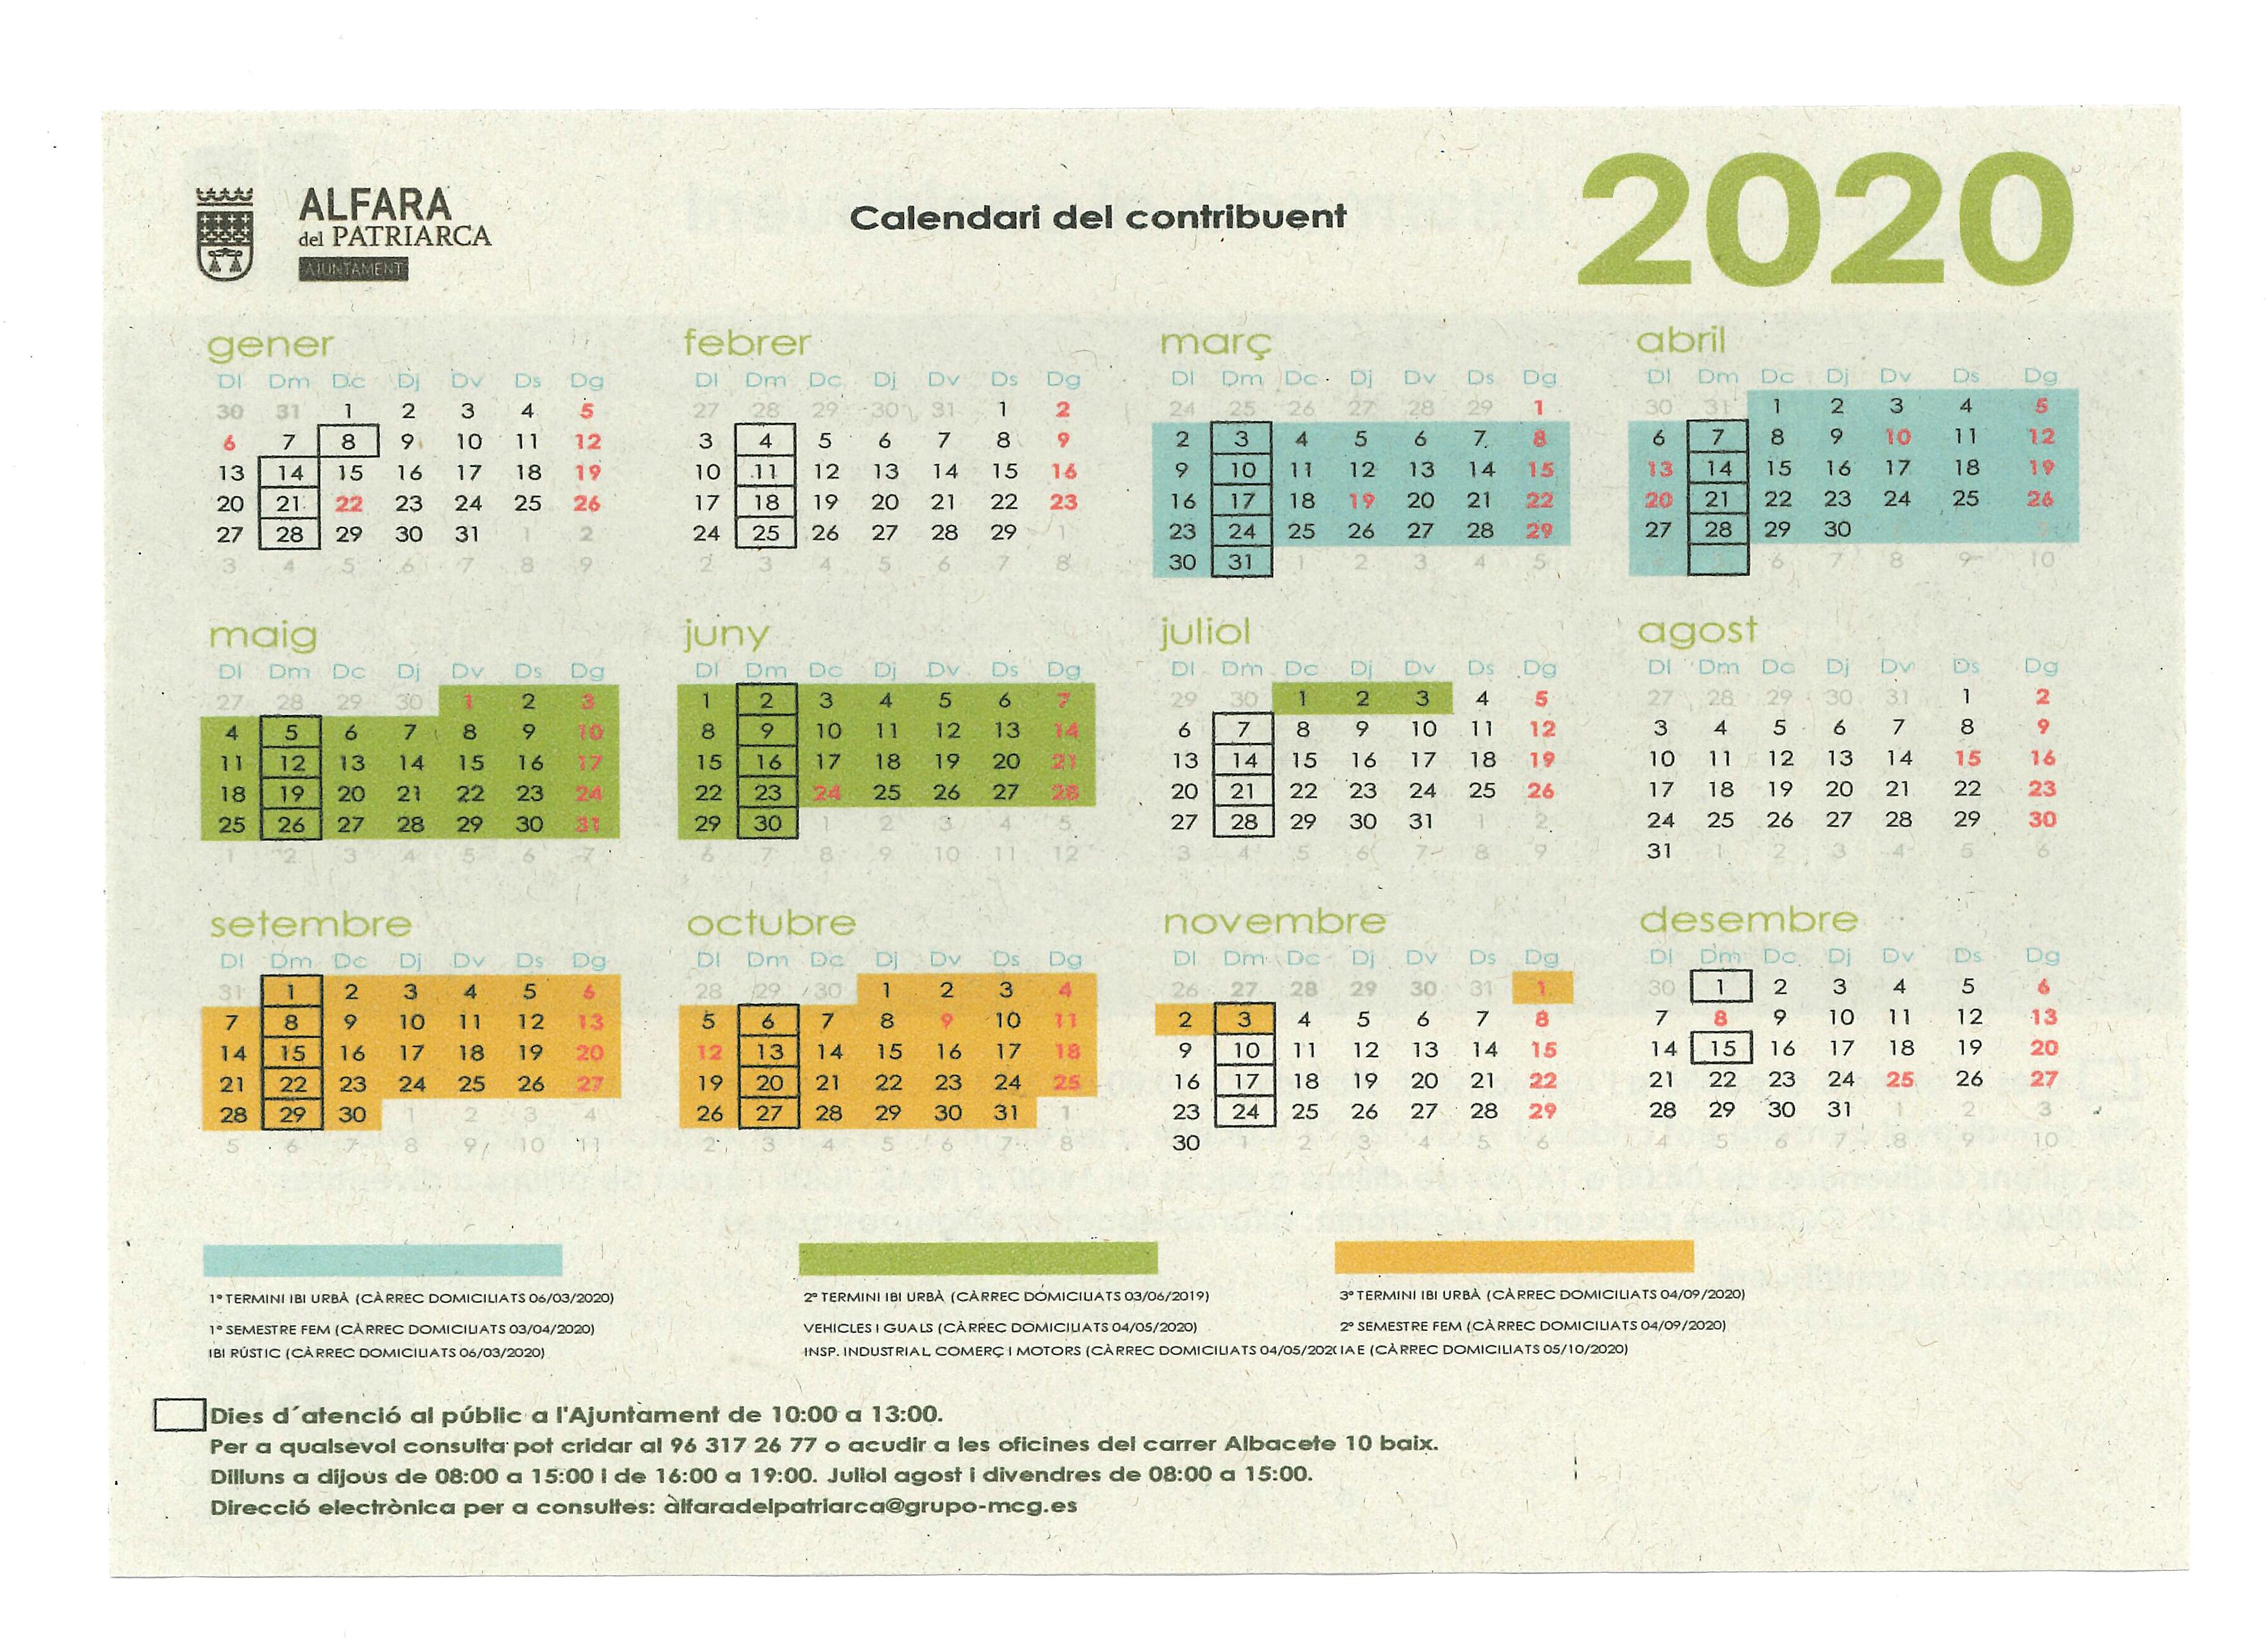 calendari contribuent